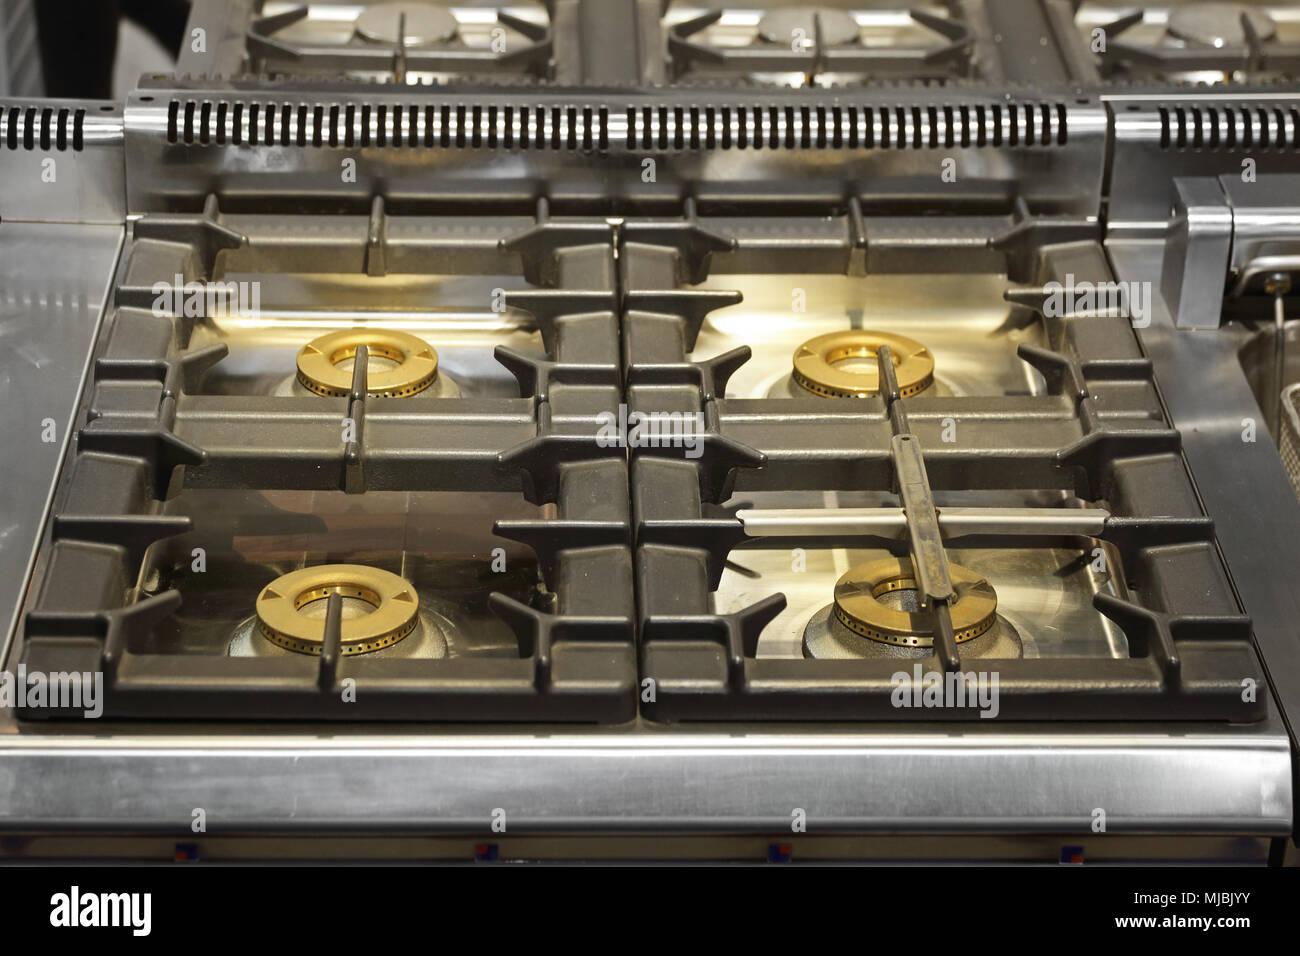 Schön Küchengeräte India Online Ideen - Ideen Für Die Küche ...